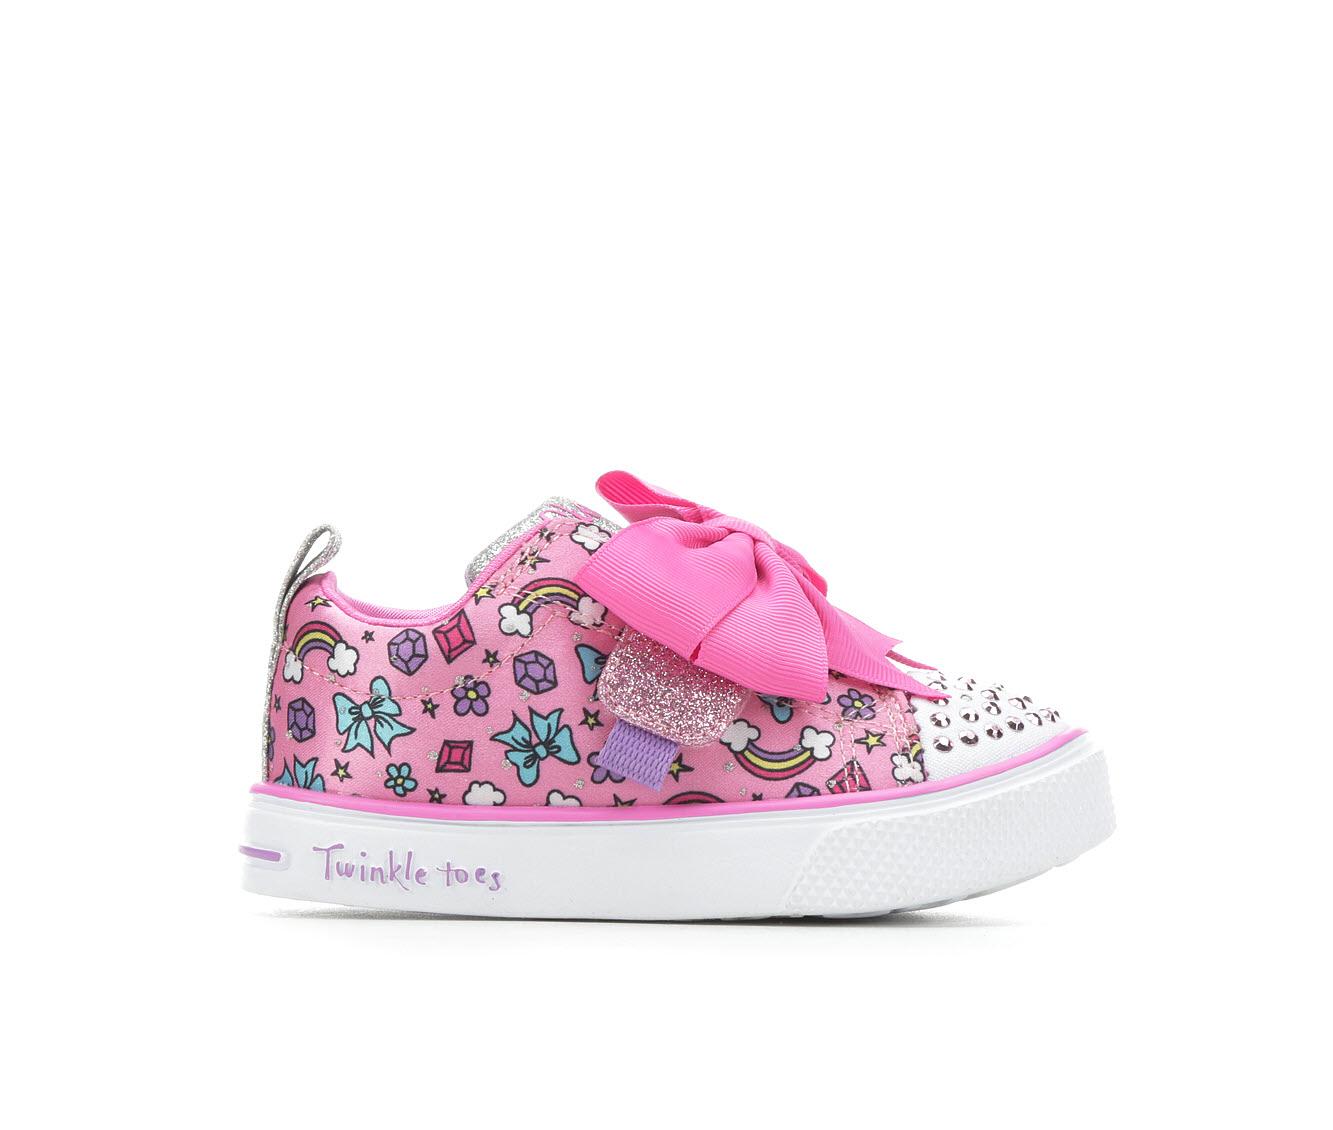 Girls' Skechers Toddler Twinkle Breeze